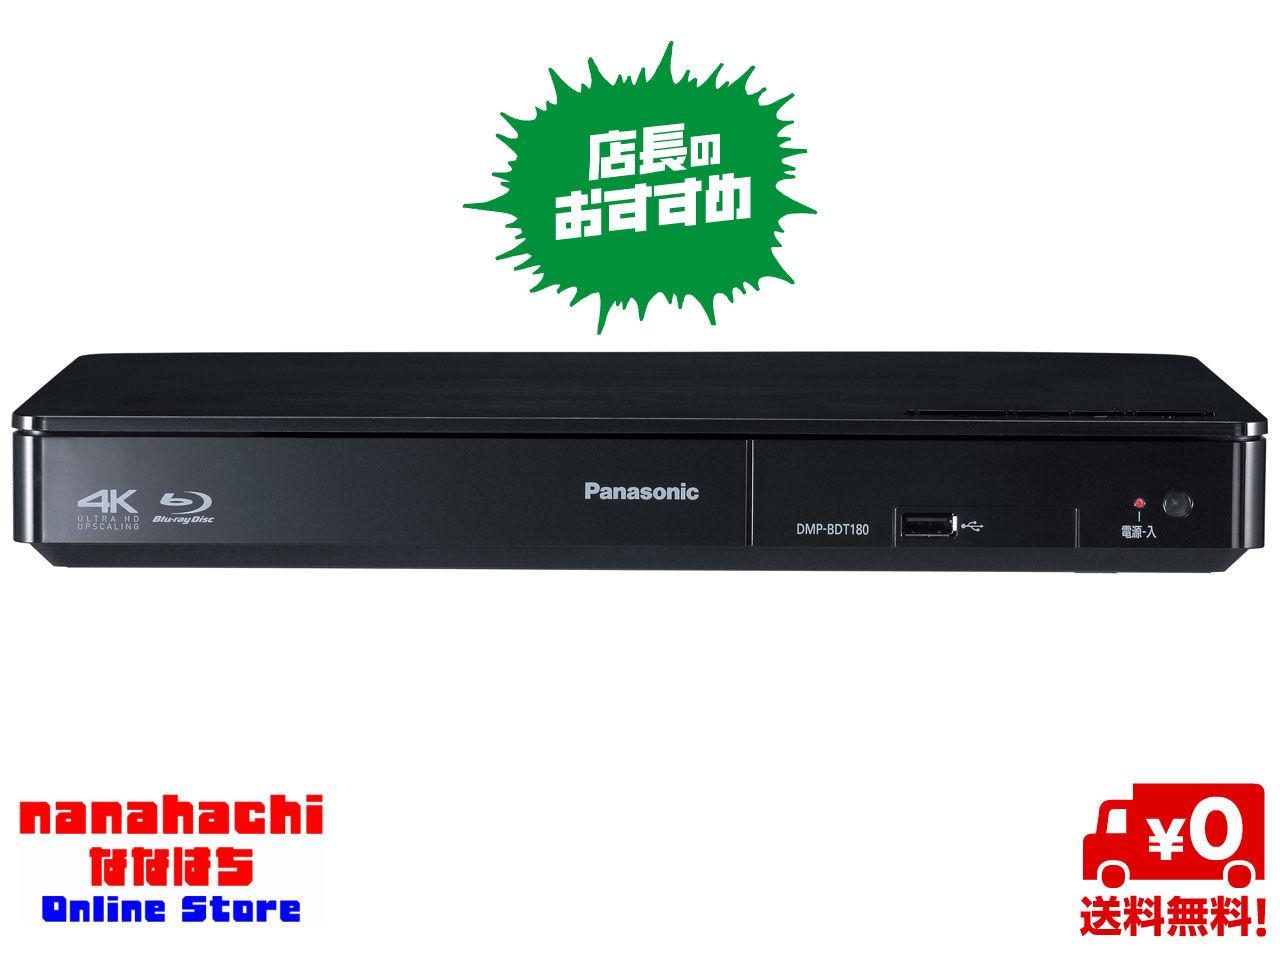 ブルーレイ プレーヤー Panasonic DMP-BDT180-K ブルーレイディスクプレーヤー 4K対応テレビでもフルHDテレビでも高画質映像を楽しめる 見たいときすぐ動く高速起動・高速トレイオープン【送料無料・一部地域を除く】